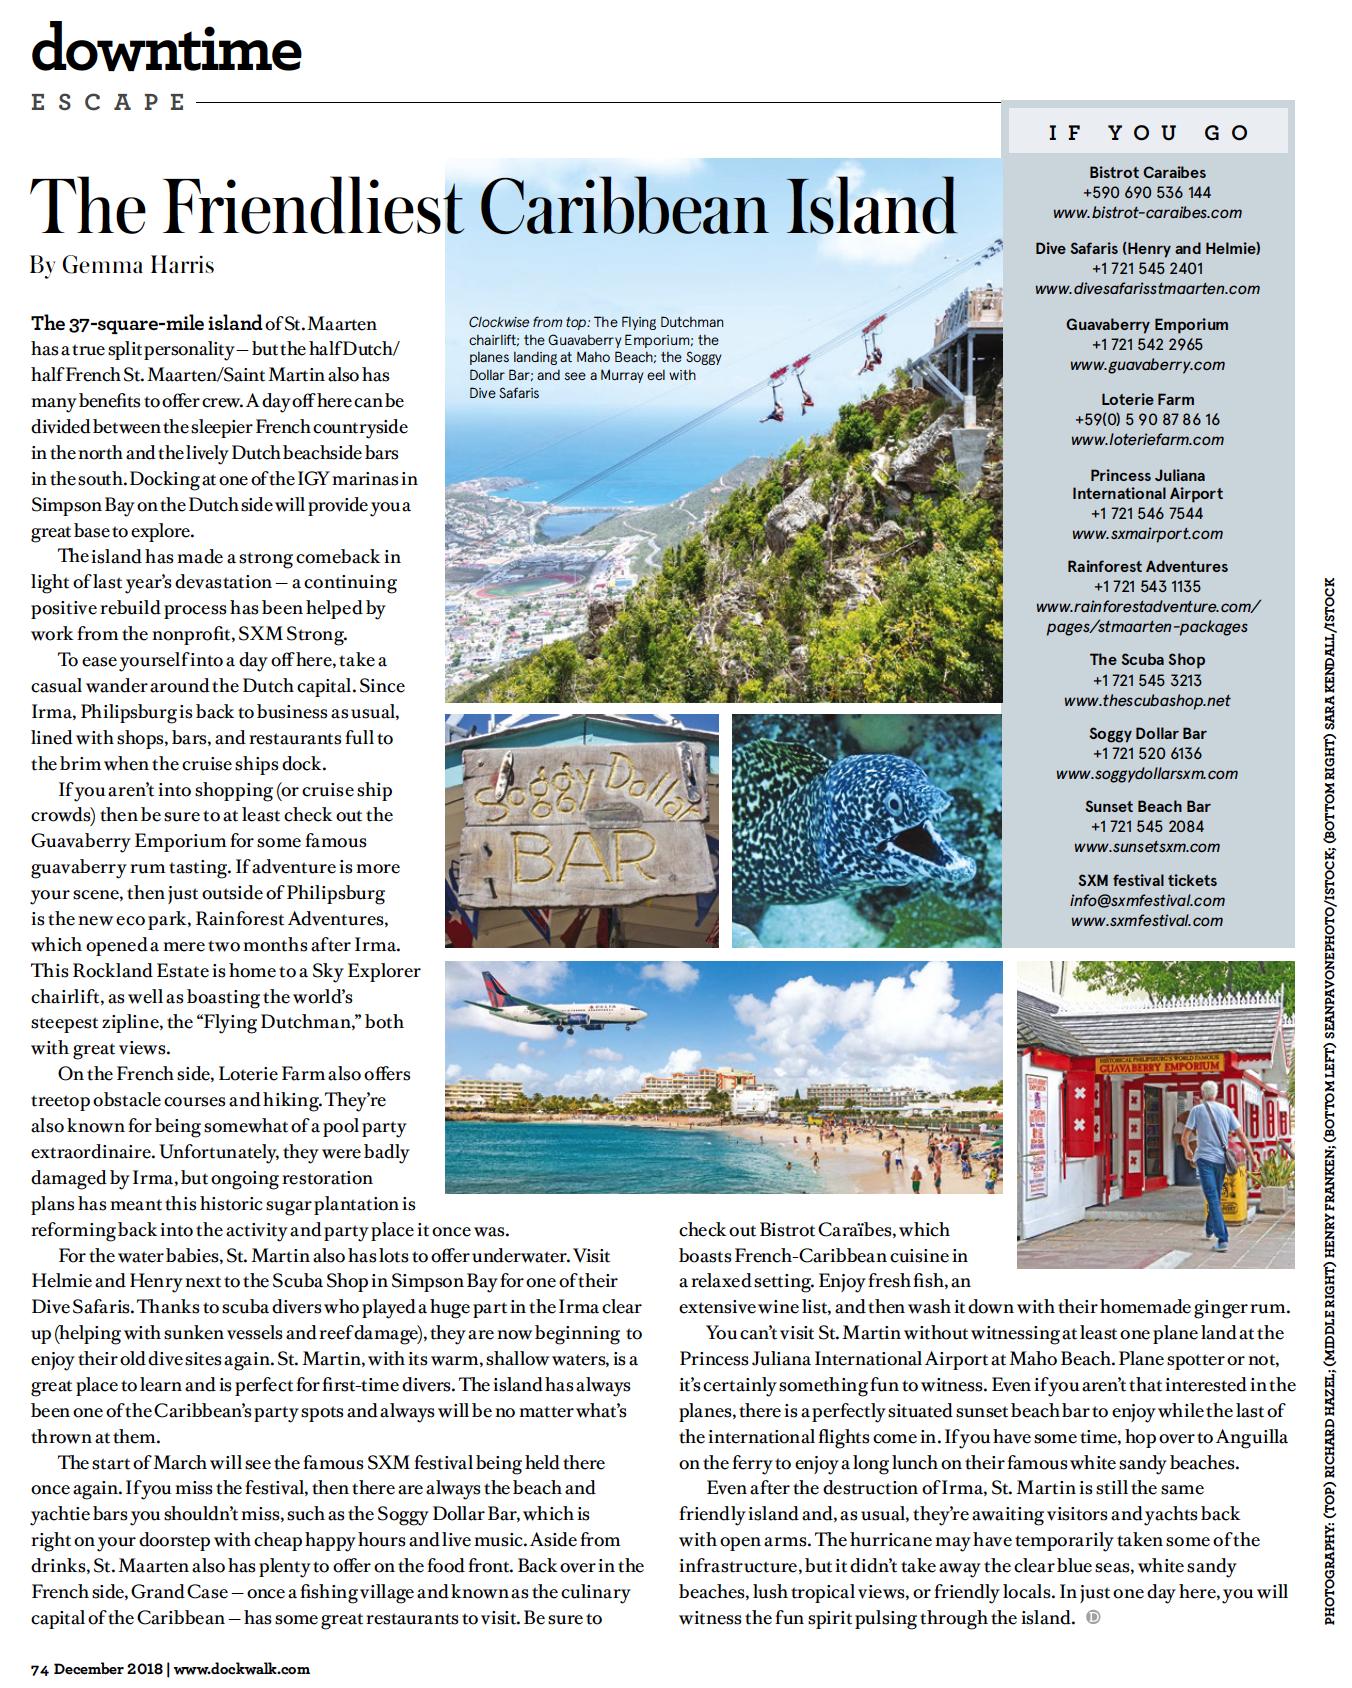 December 2018 Downtime St Maarten Saint Martin Caribbean Islands Saint Martin Island